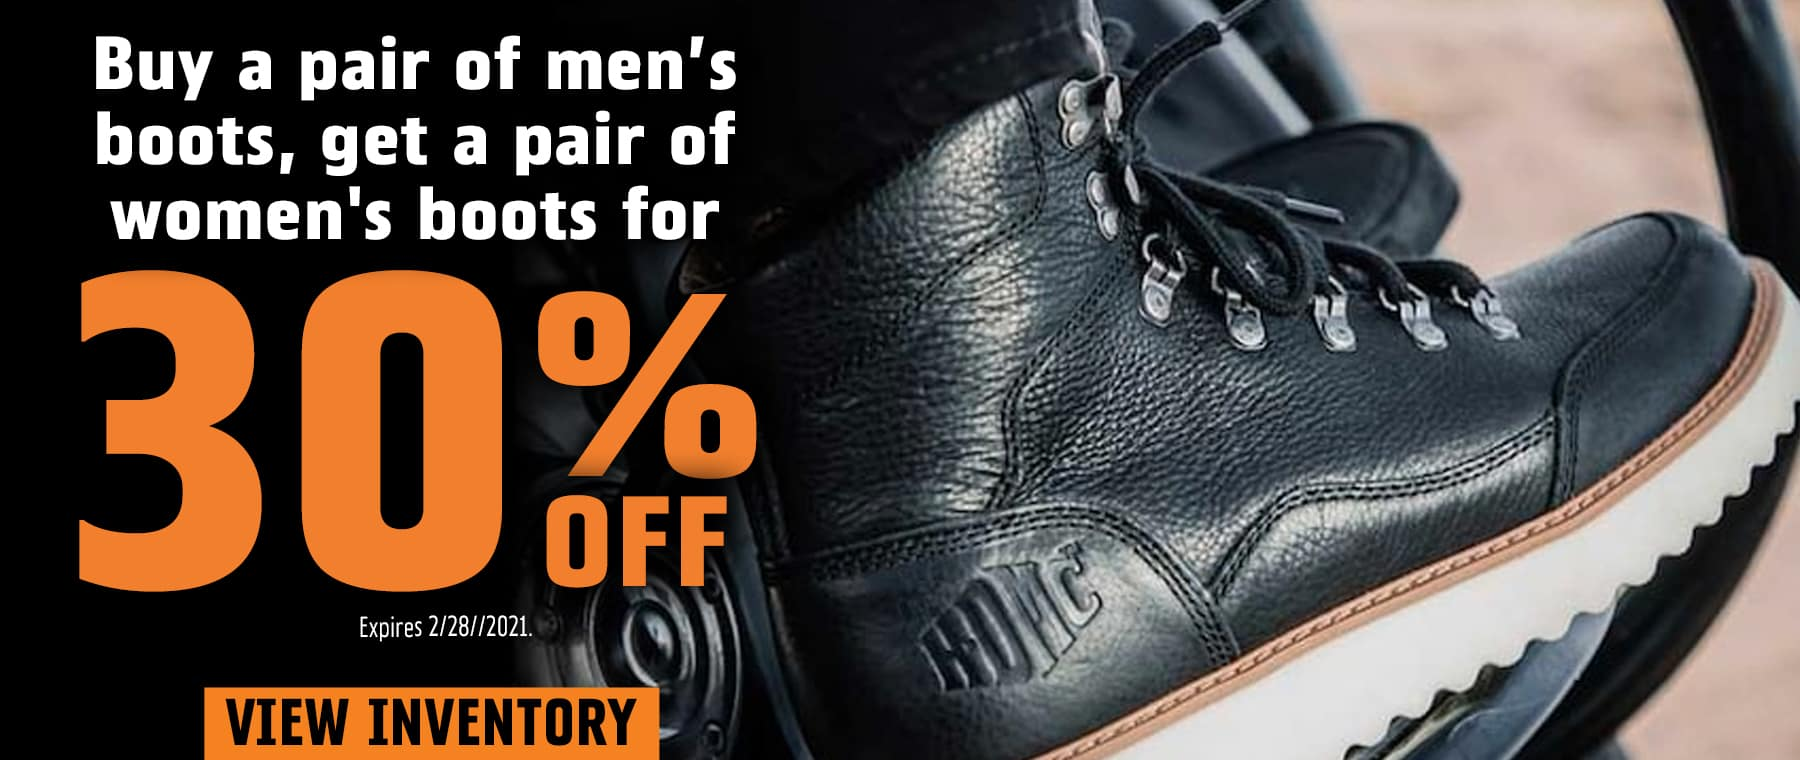 Buy Men's Boots, Get Women's Boots 30% OFF